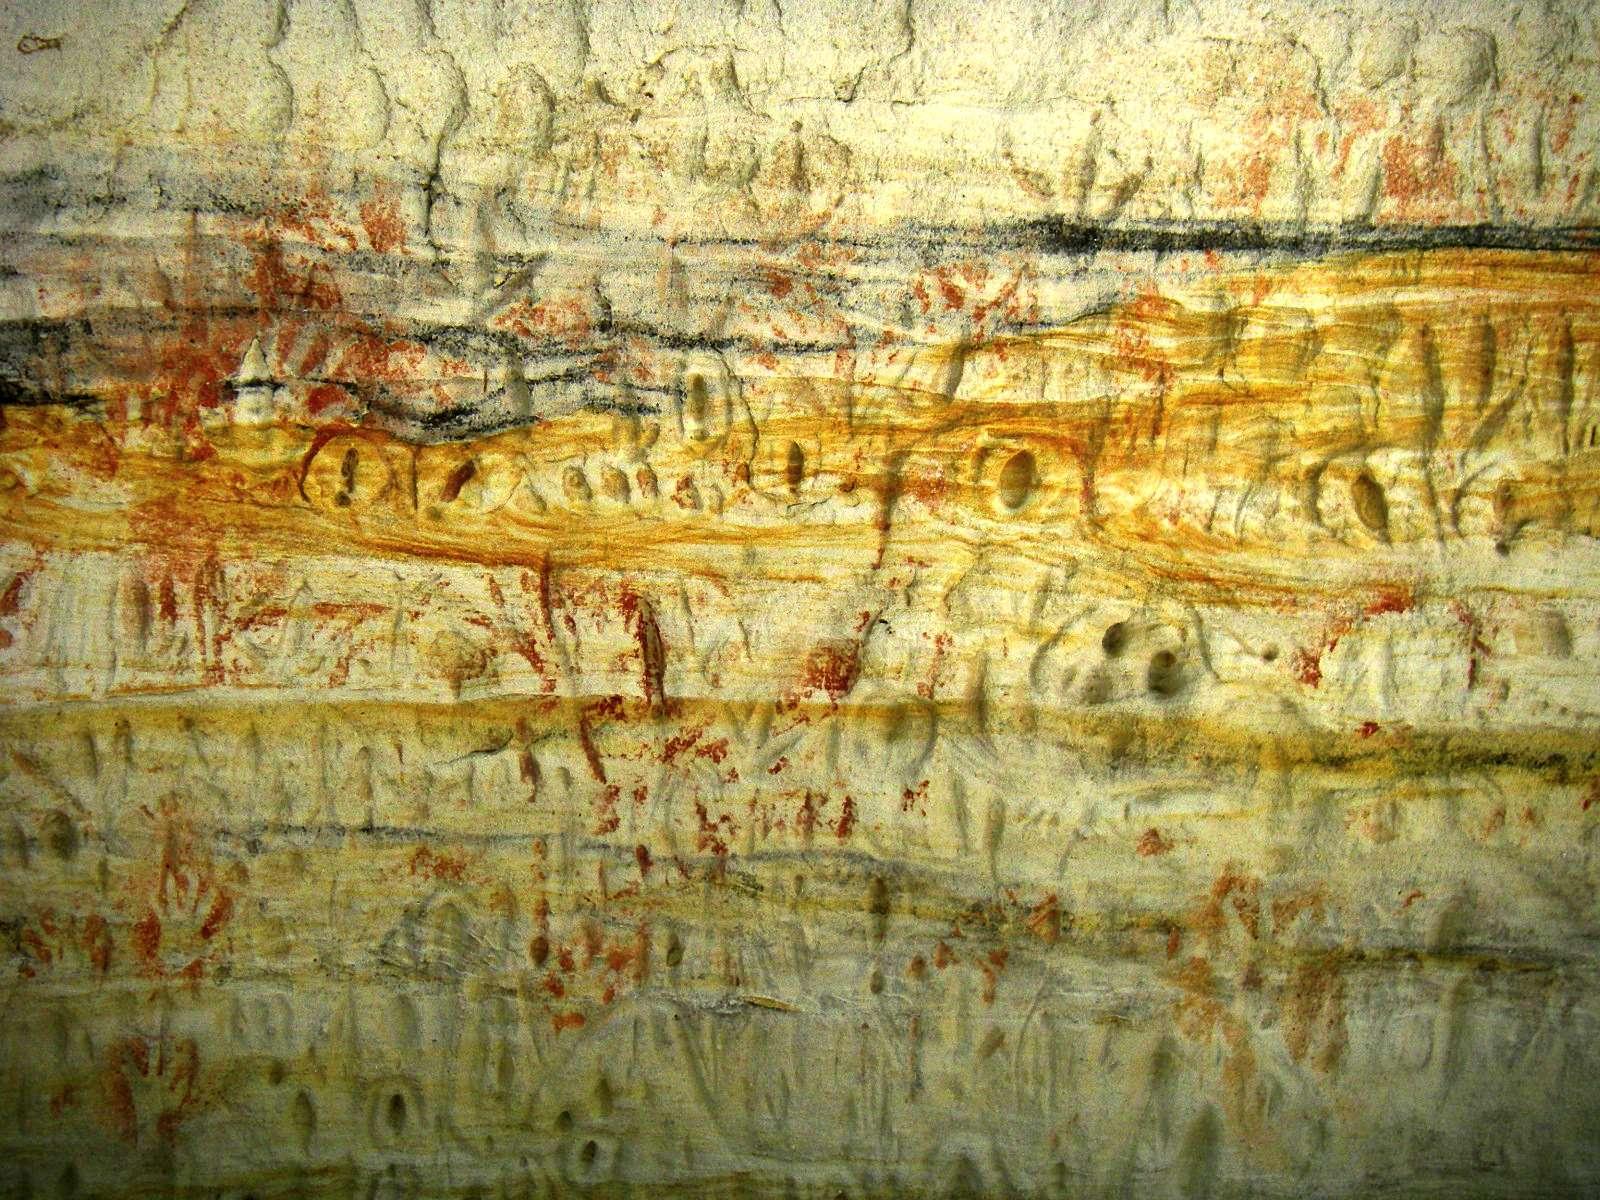 Carnarvon Gorge - an Aboriginal Rock Stencil Art site, with ...